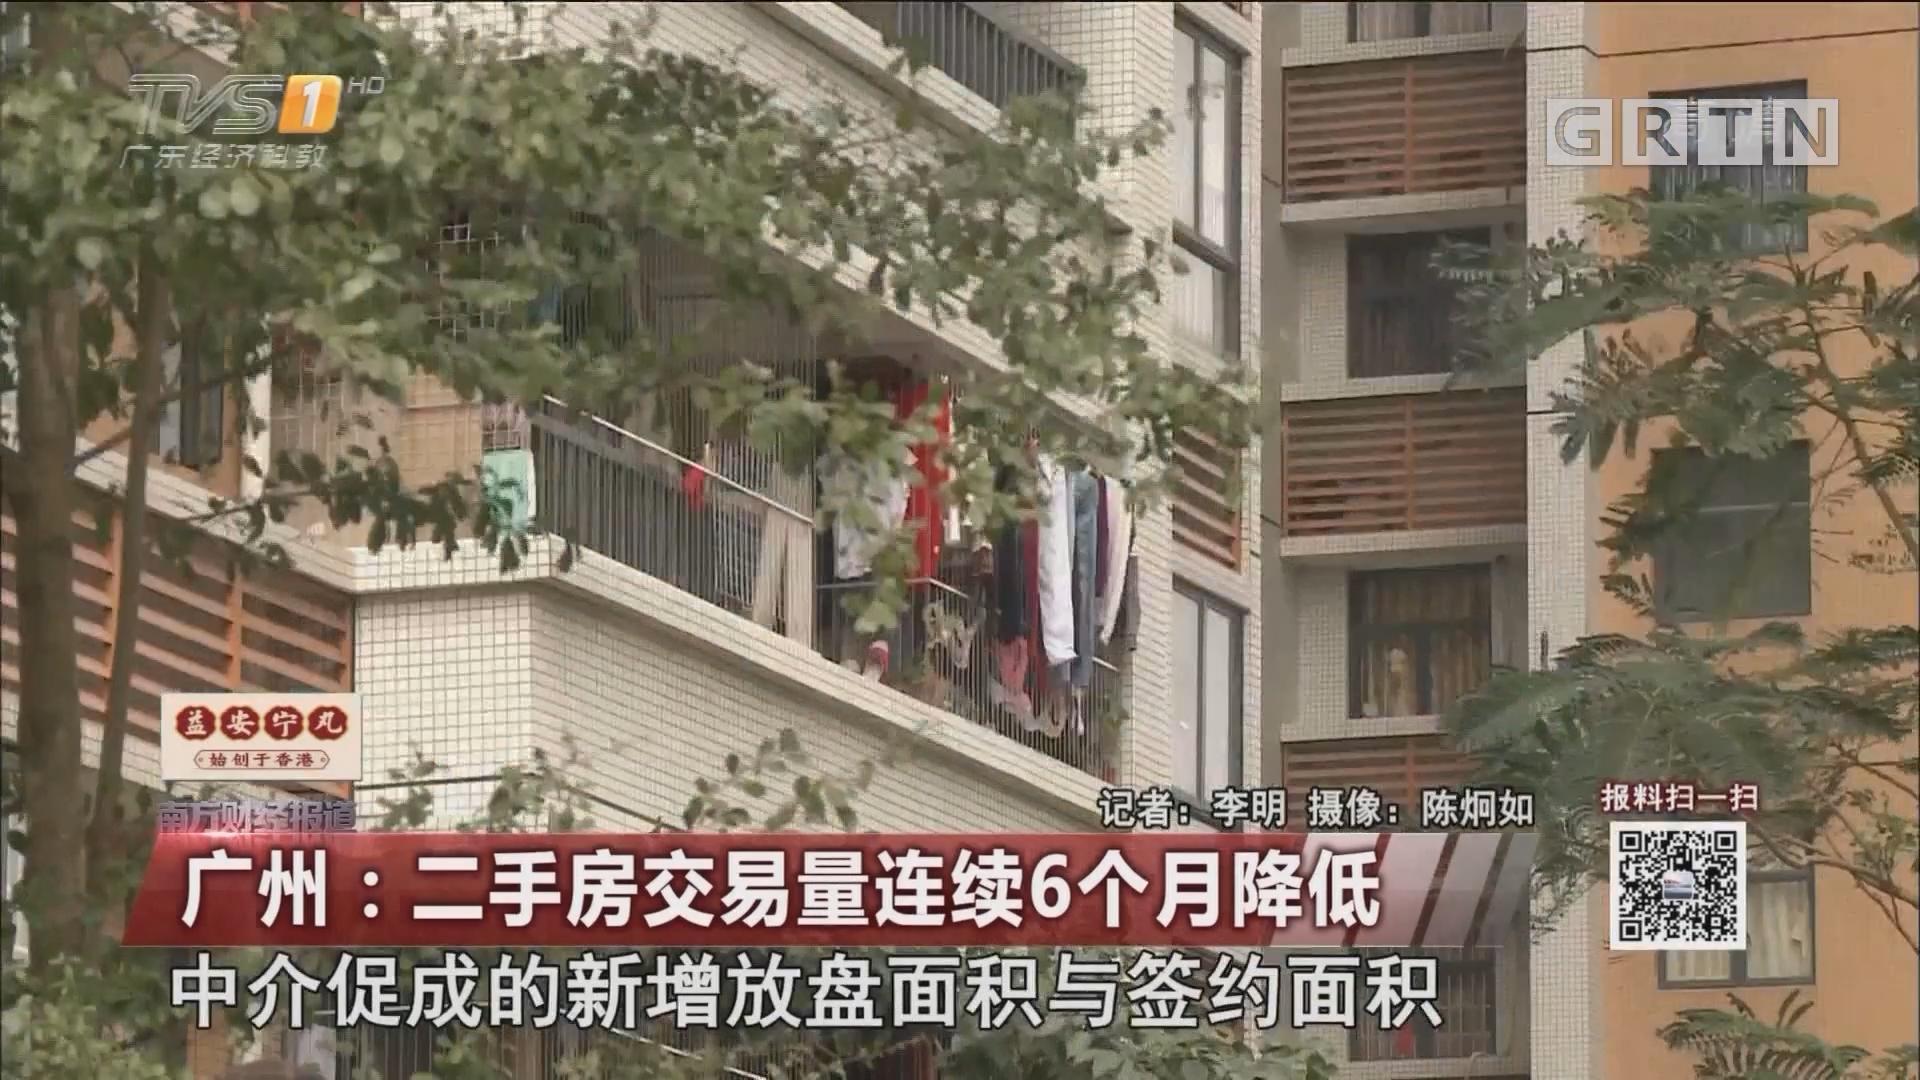 广州:二手房交易量连续6个月降低